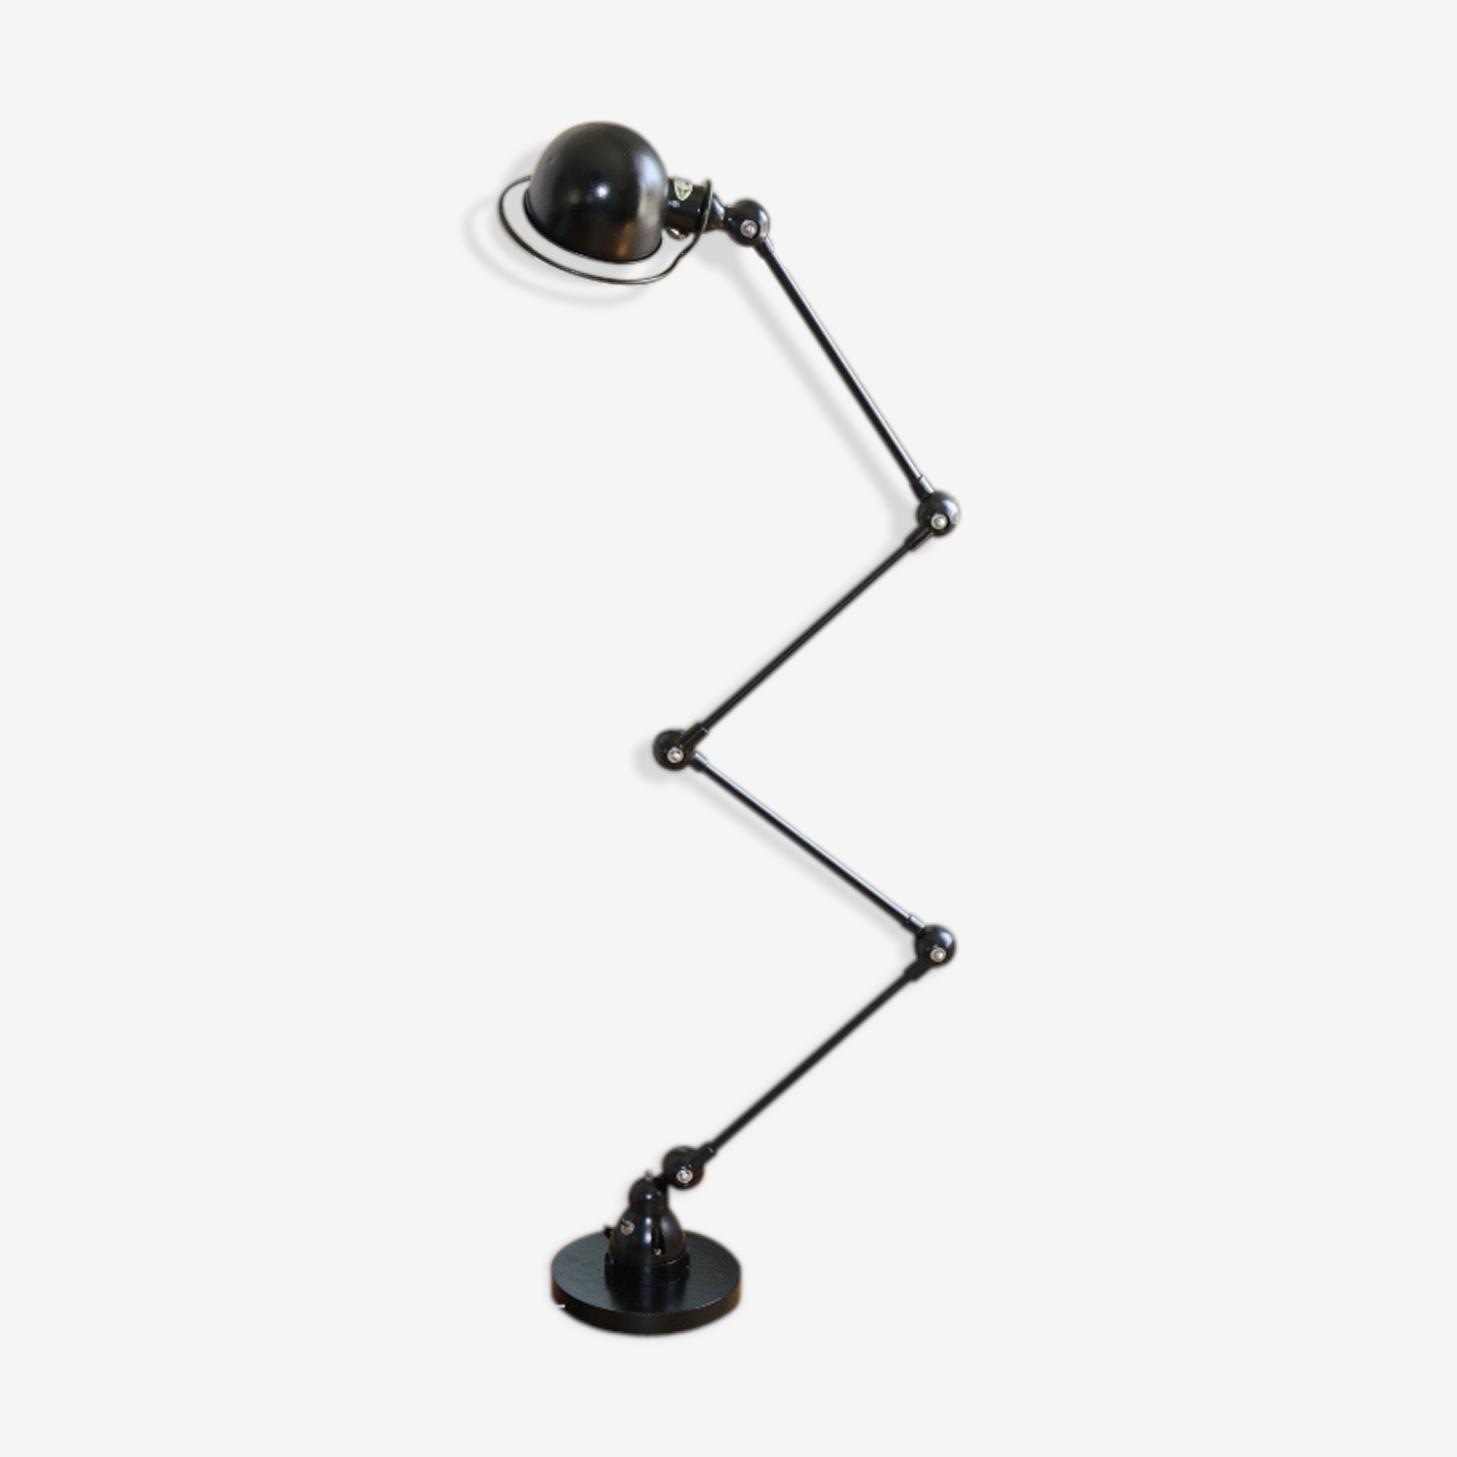 Floor Lamp Jielde 4 Arms Black 1950 Metal Black Industrial